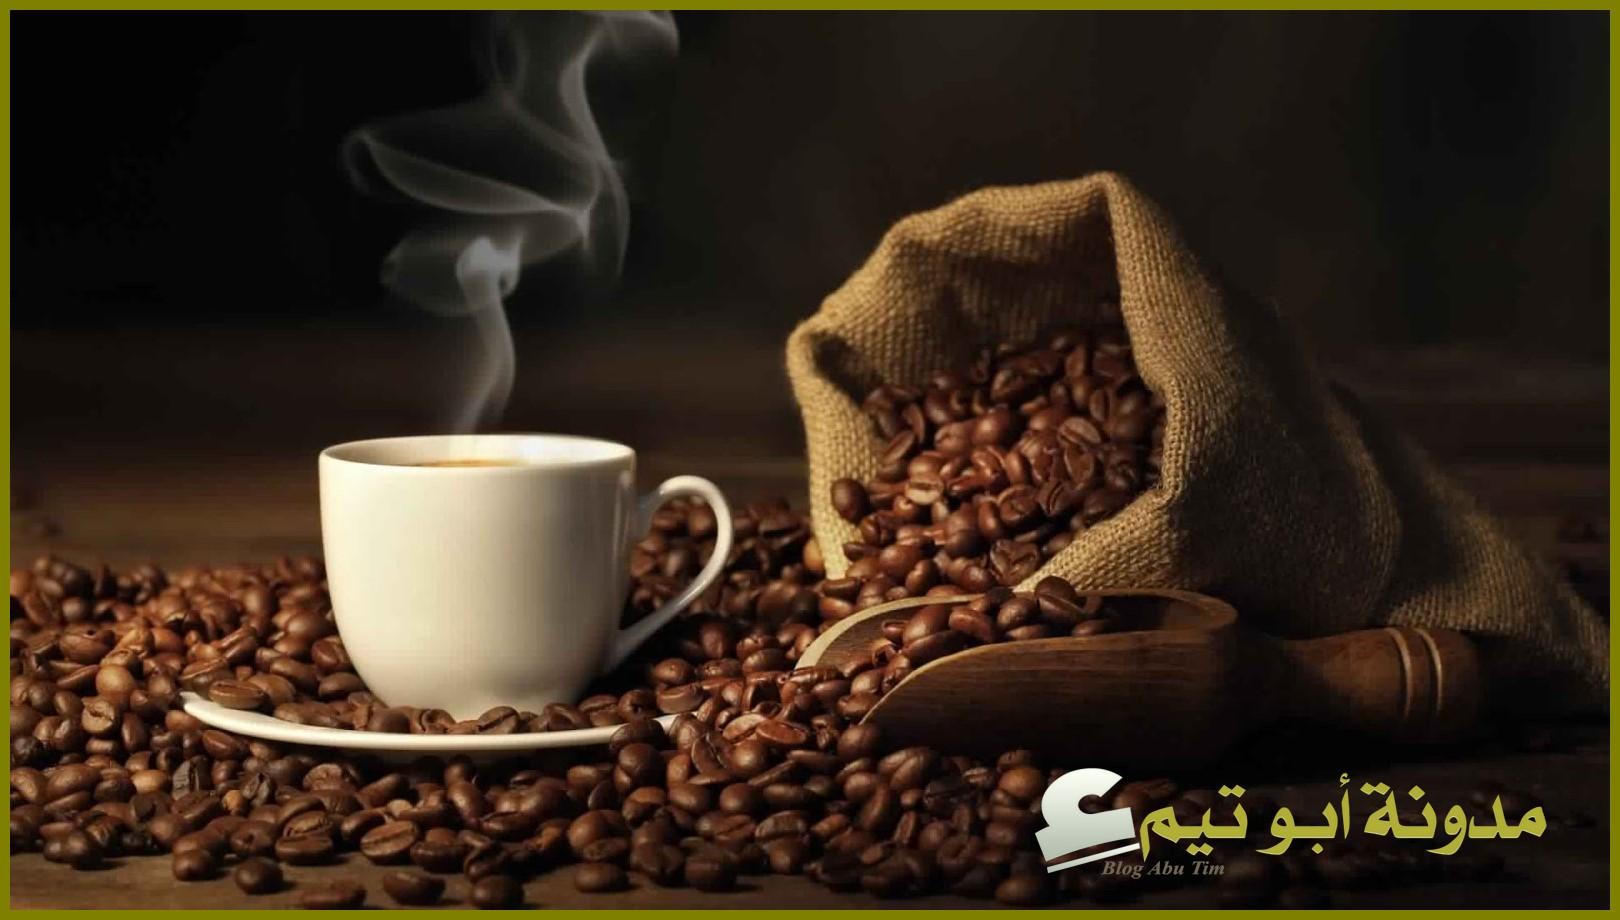 الحب في قانون العرب قهوة